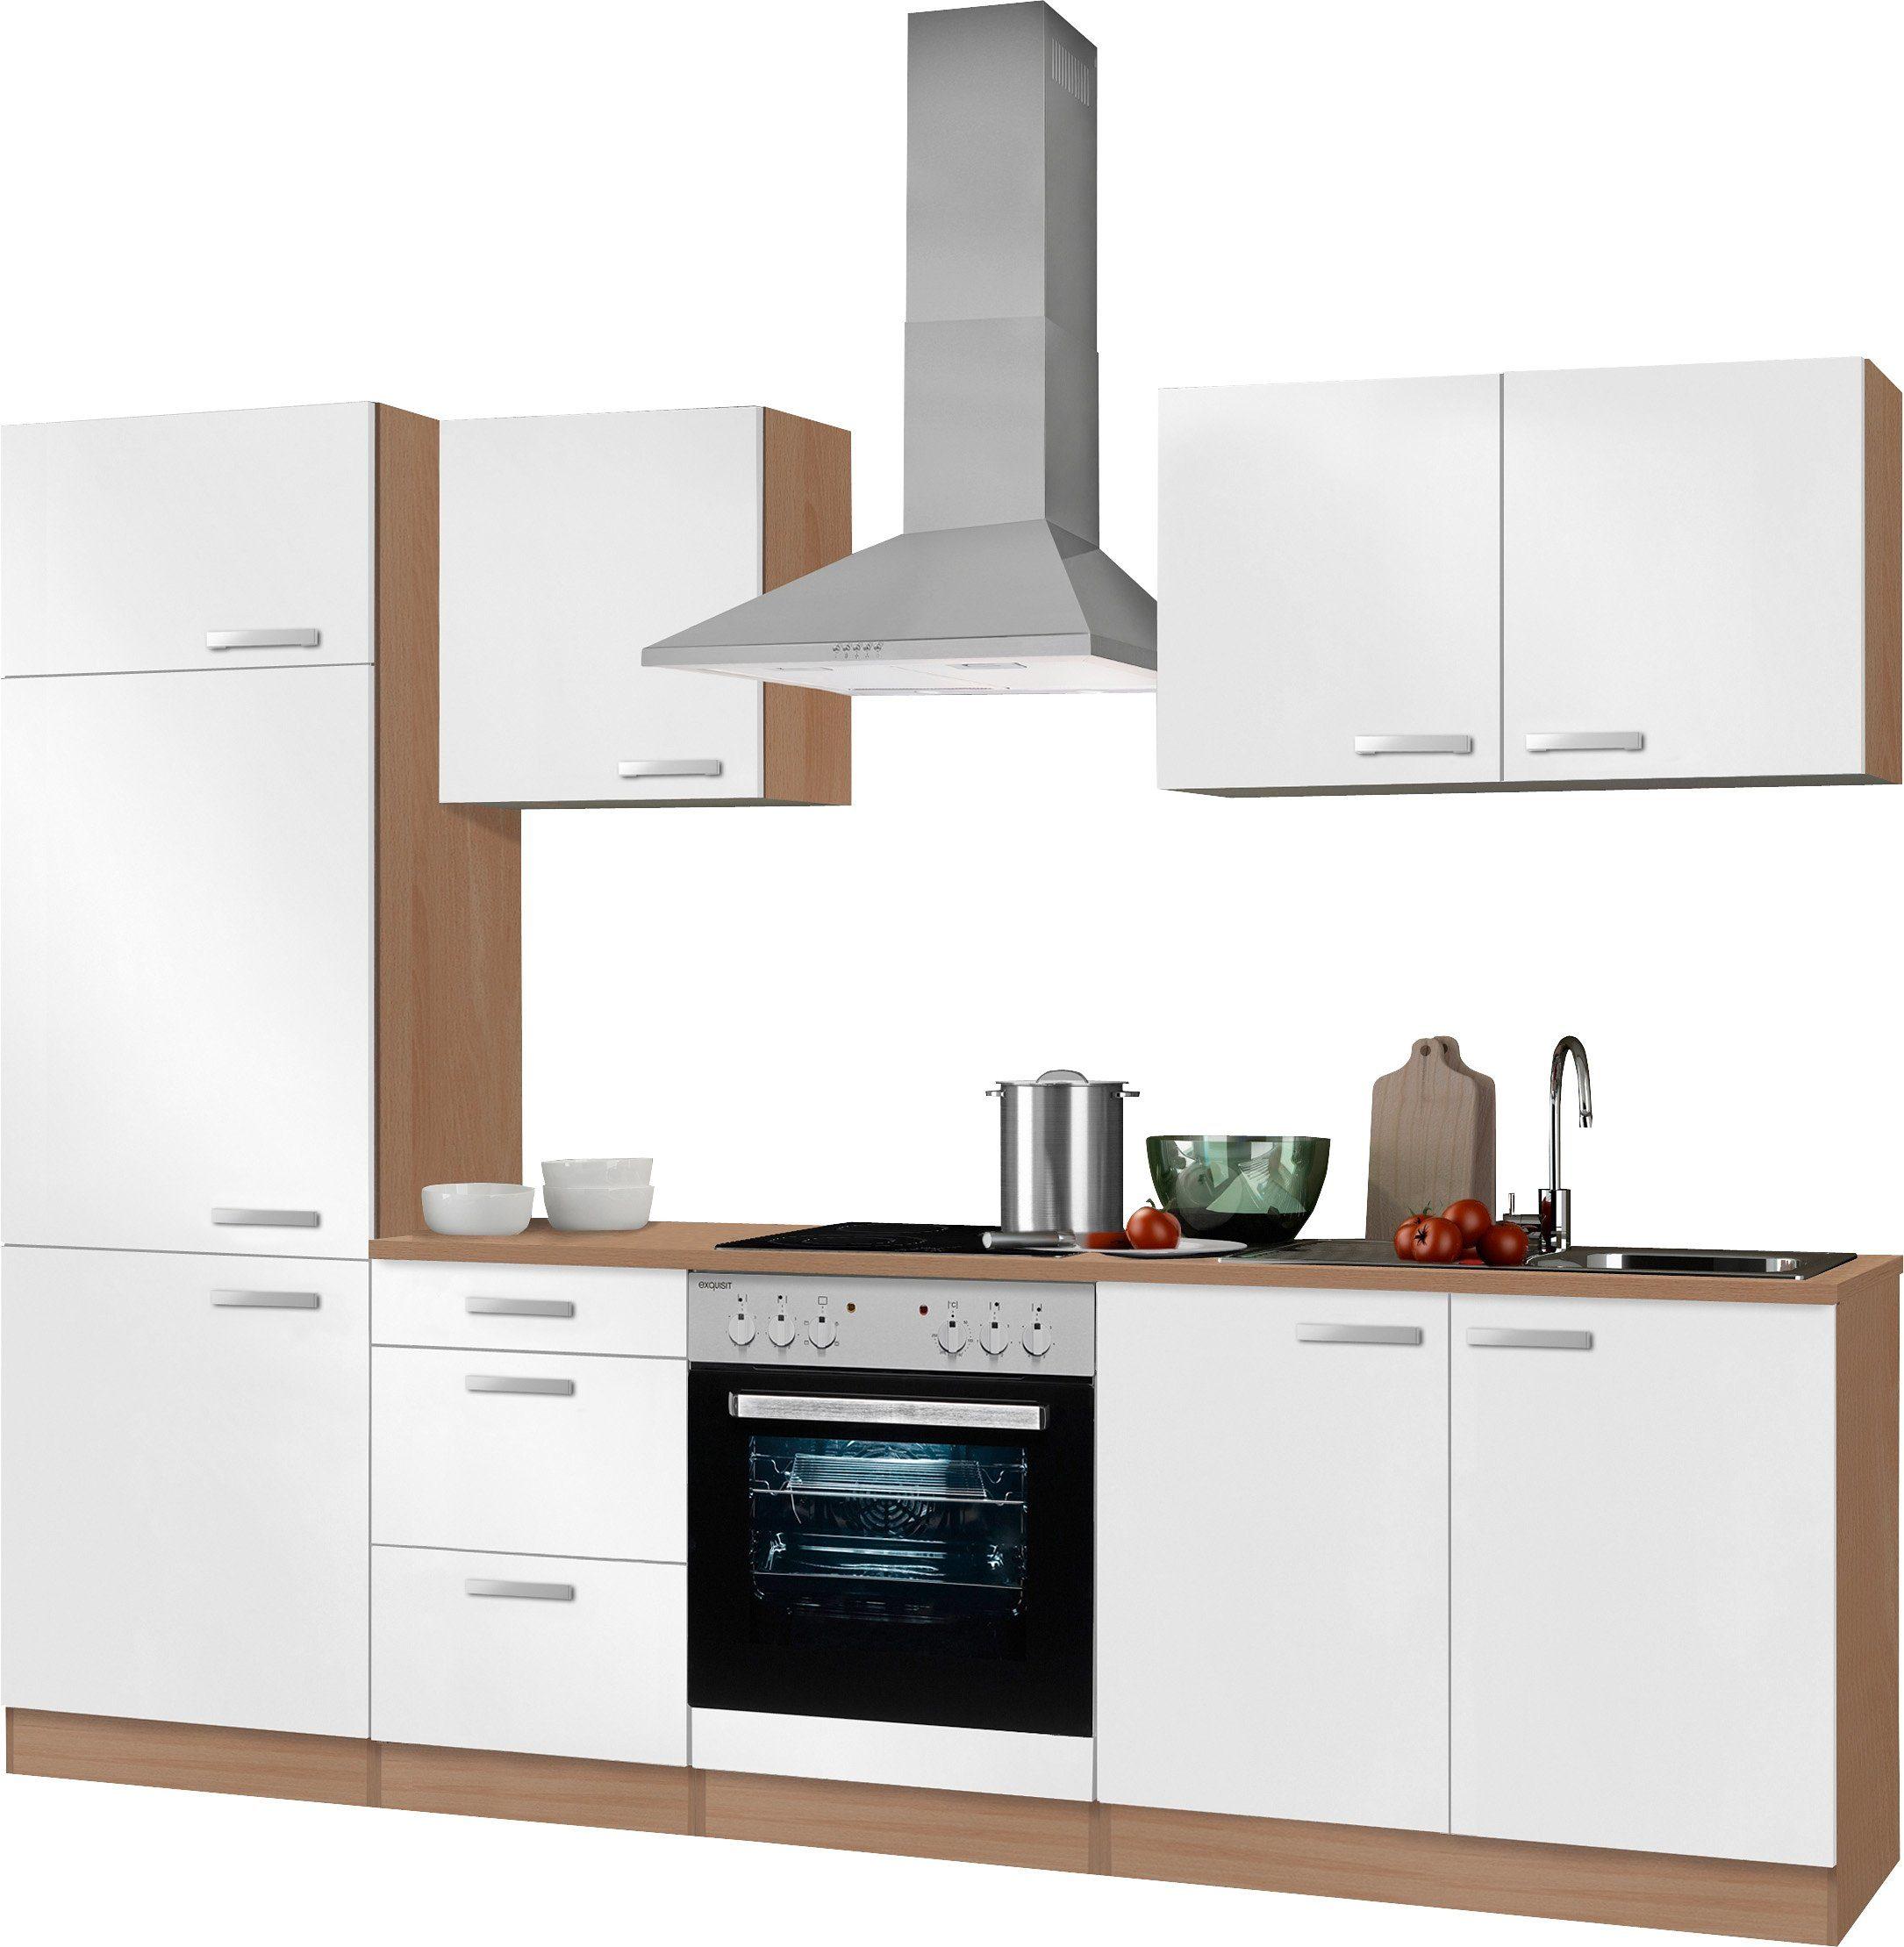 Küchenarbeitsplatte Roller: Arbeitsplatte Küche 270cm